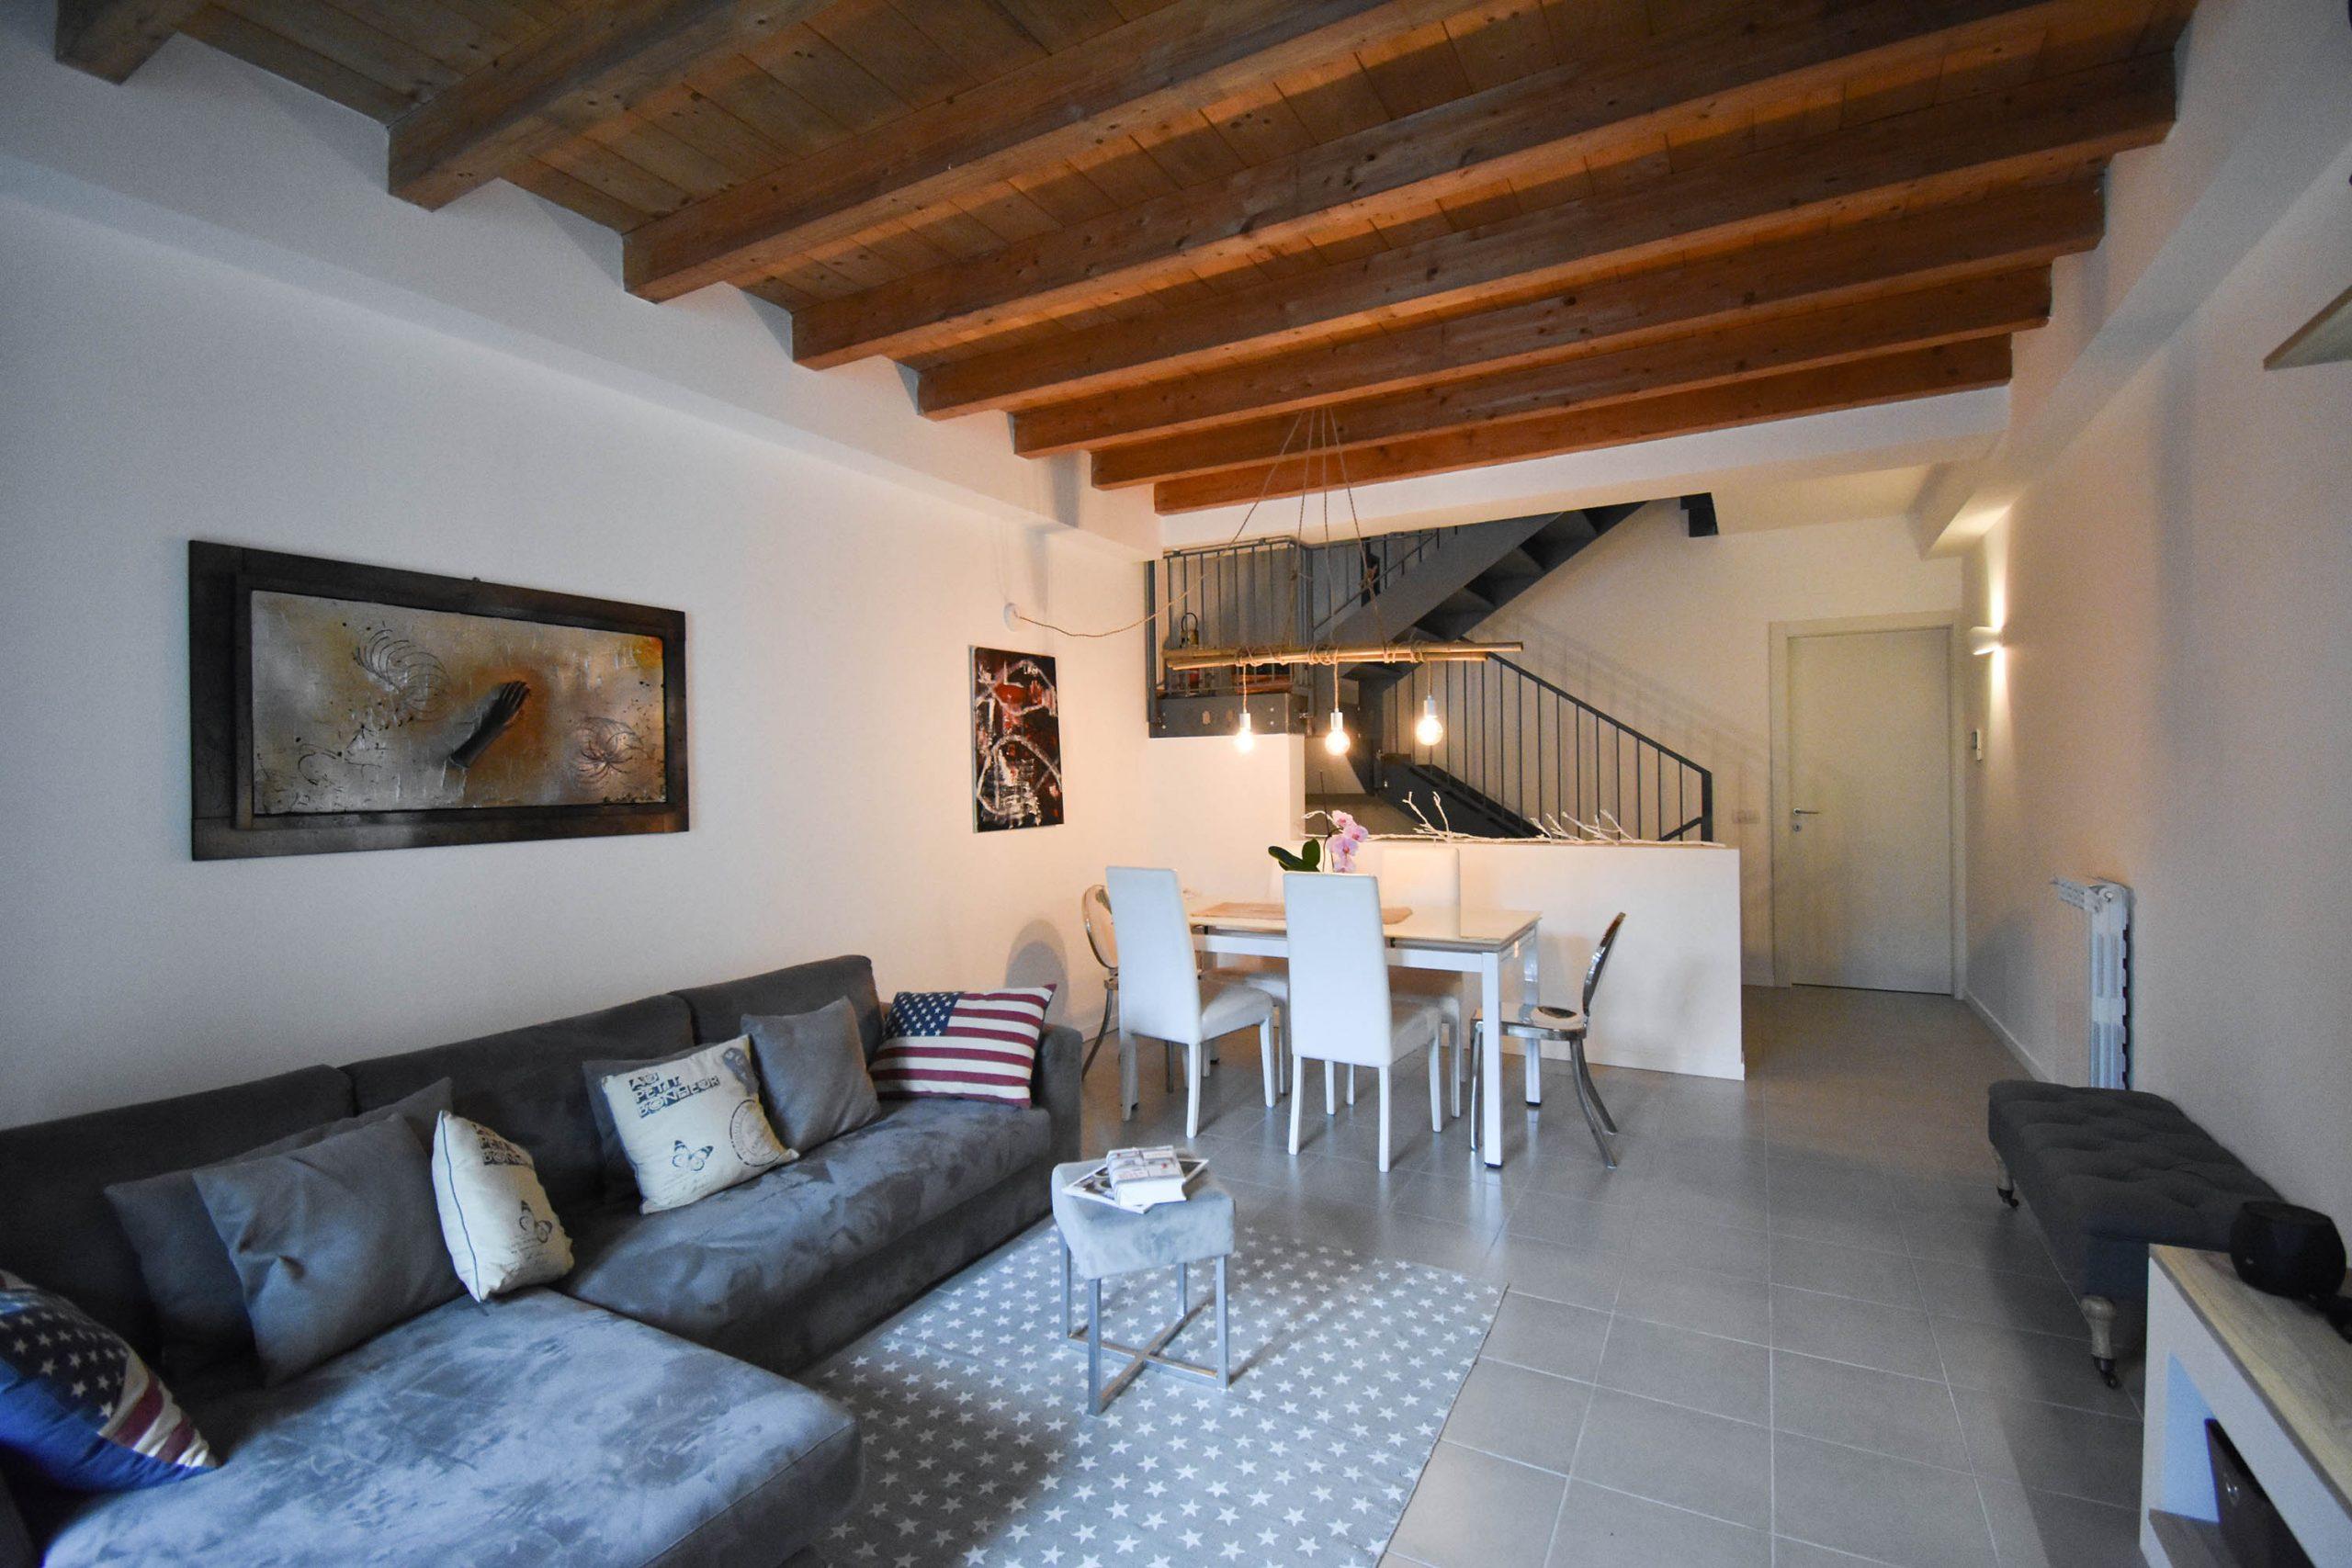 casa EM scandivano stile interior design (8)